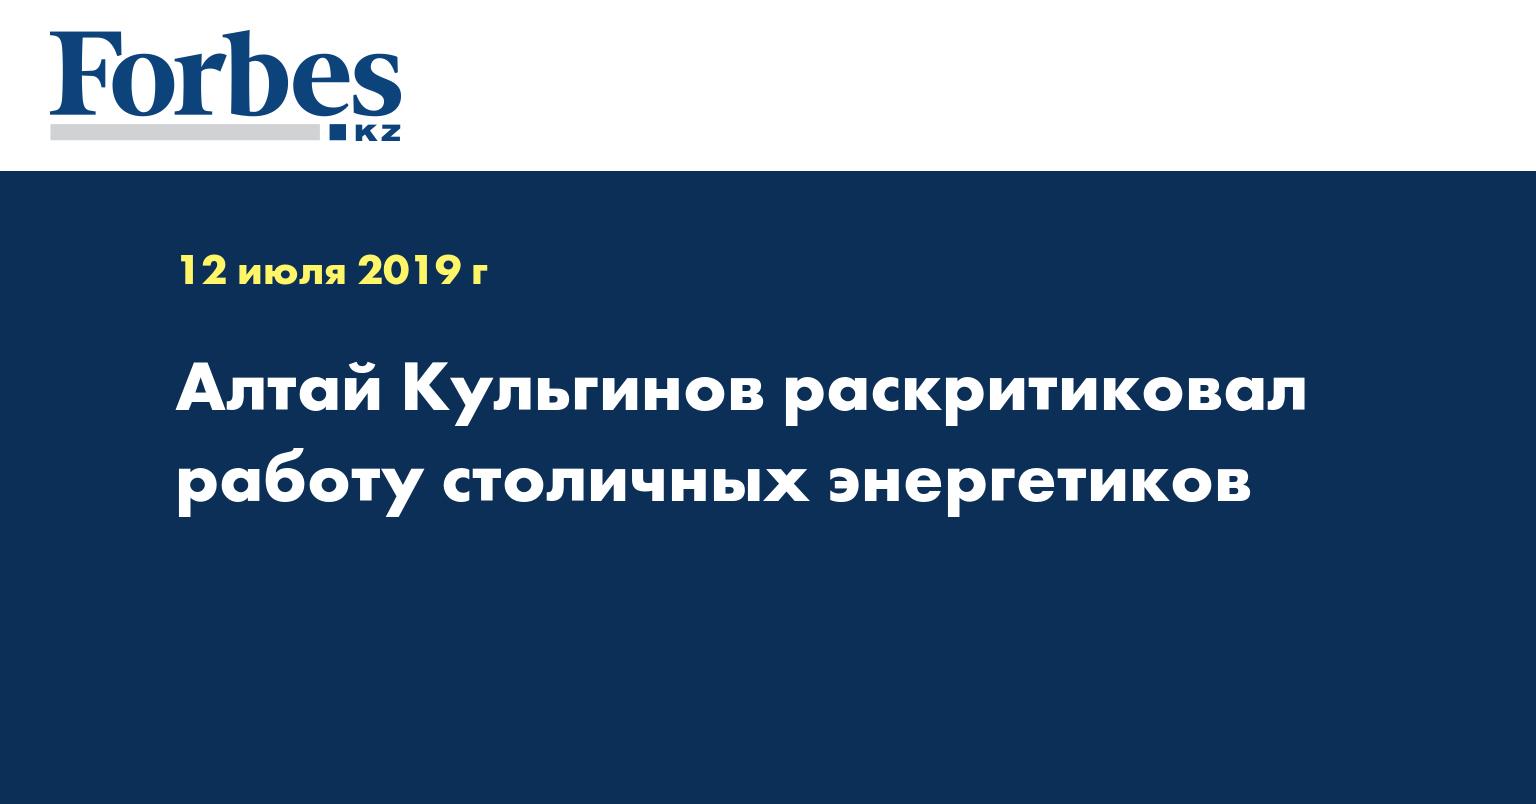 Алтай Кульгинов раскритиковал работу столичных энергетиков